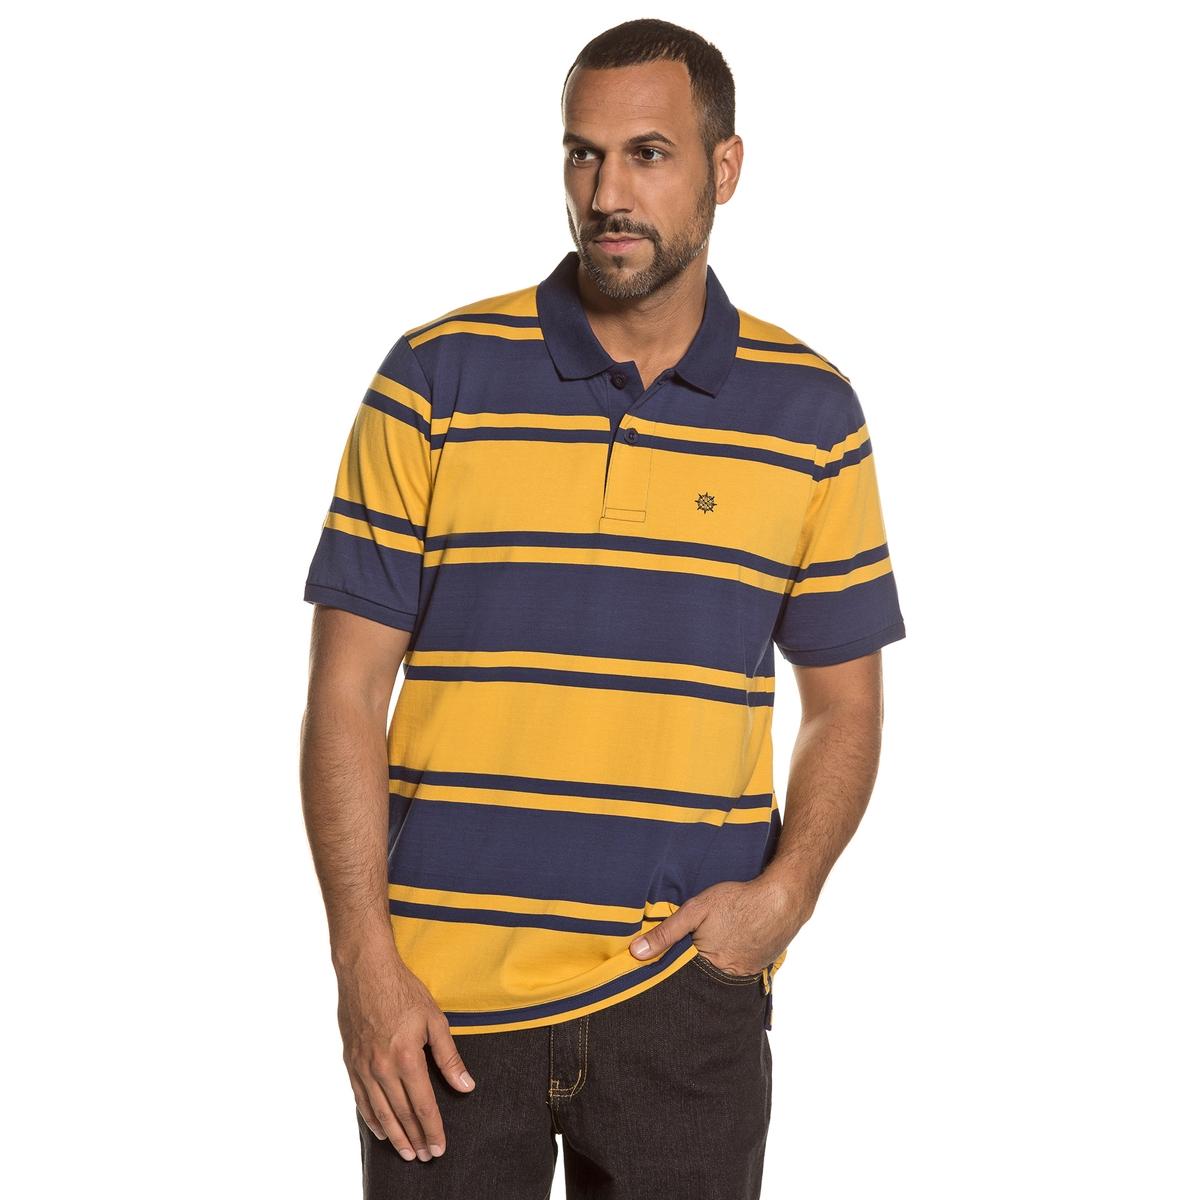 Футболка-поло с разрезом на вырезе и короткими рукавамиОписание:Детали •  Короткие рукава •  Прямой покрой •  Тунисский вырез •  Рисунок в полоску  Состав и уход •  100% хлопок •  Следуйте советам по уходу, указанным на этикеткеТовар из коллекции больших размеров<br><br>Цвет: в полоску синий/желтый<br>Размер: 5XL